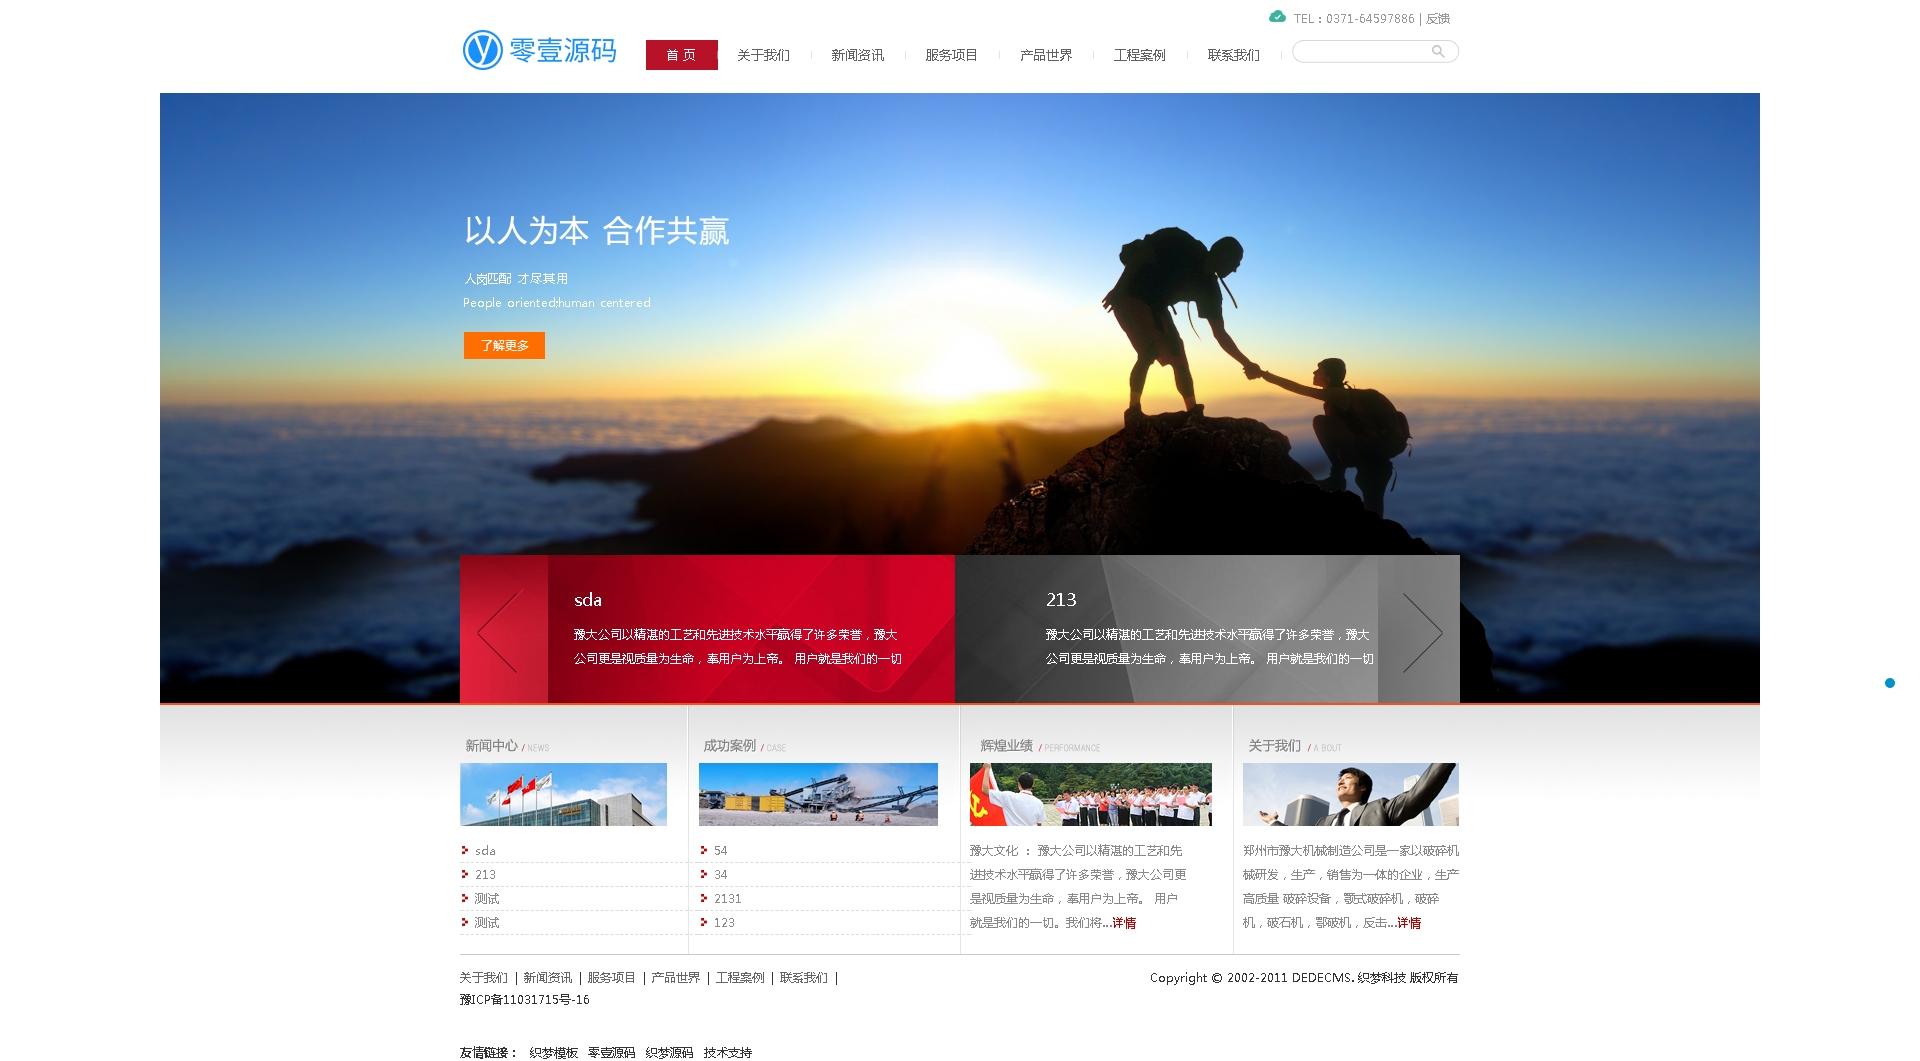 机械类品牌集团公司织梦DEDECMS网站模板